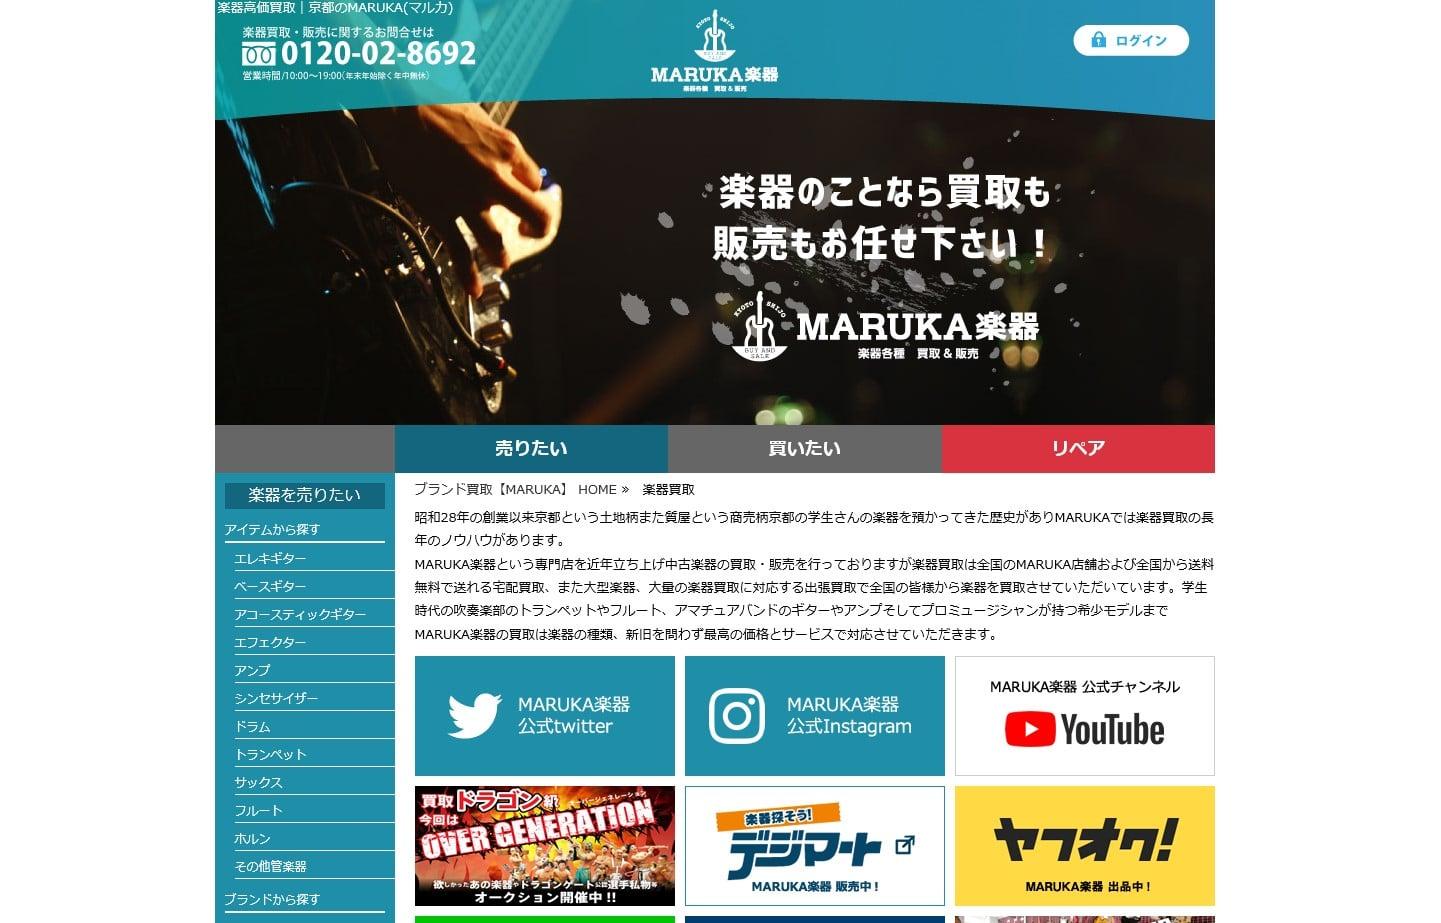 マルカ楽器京都四条店